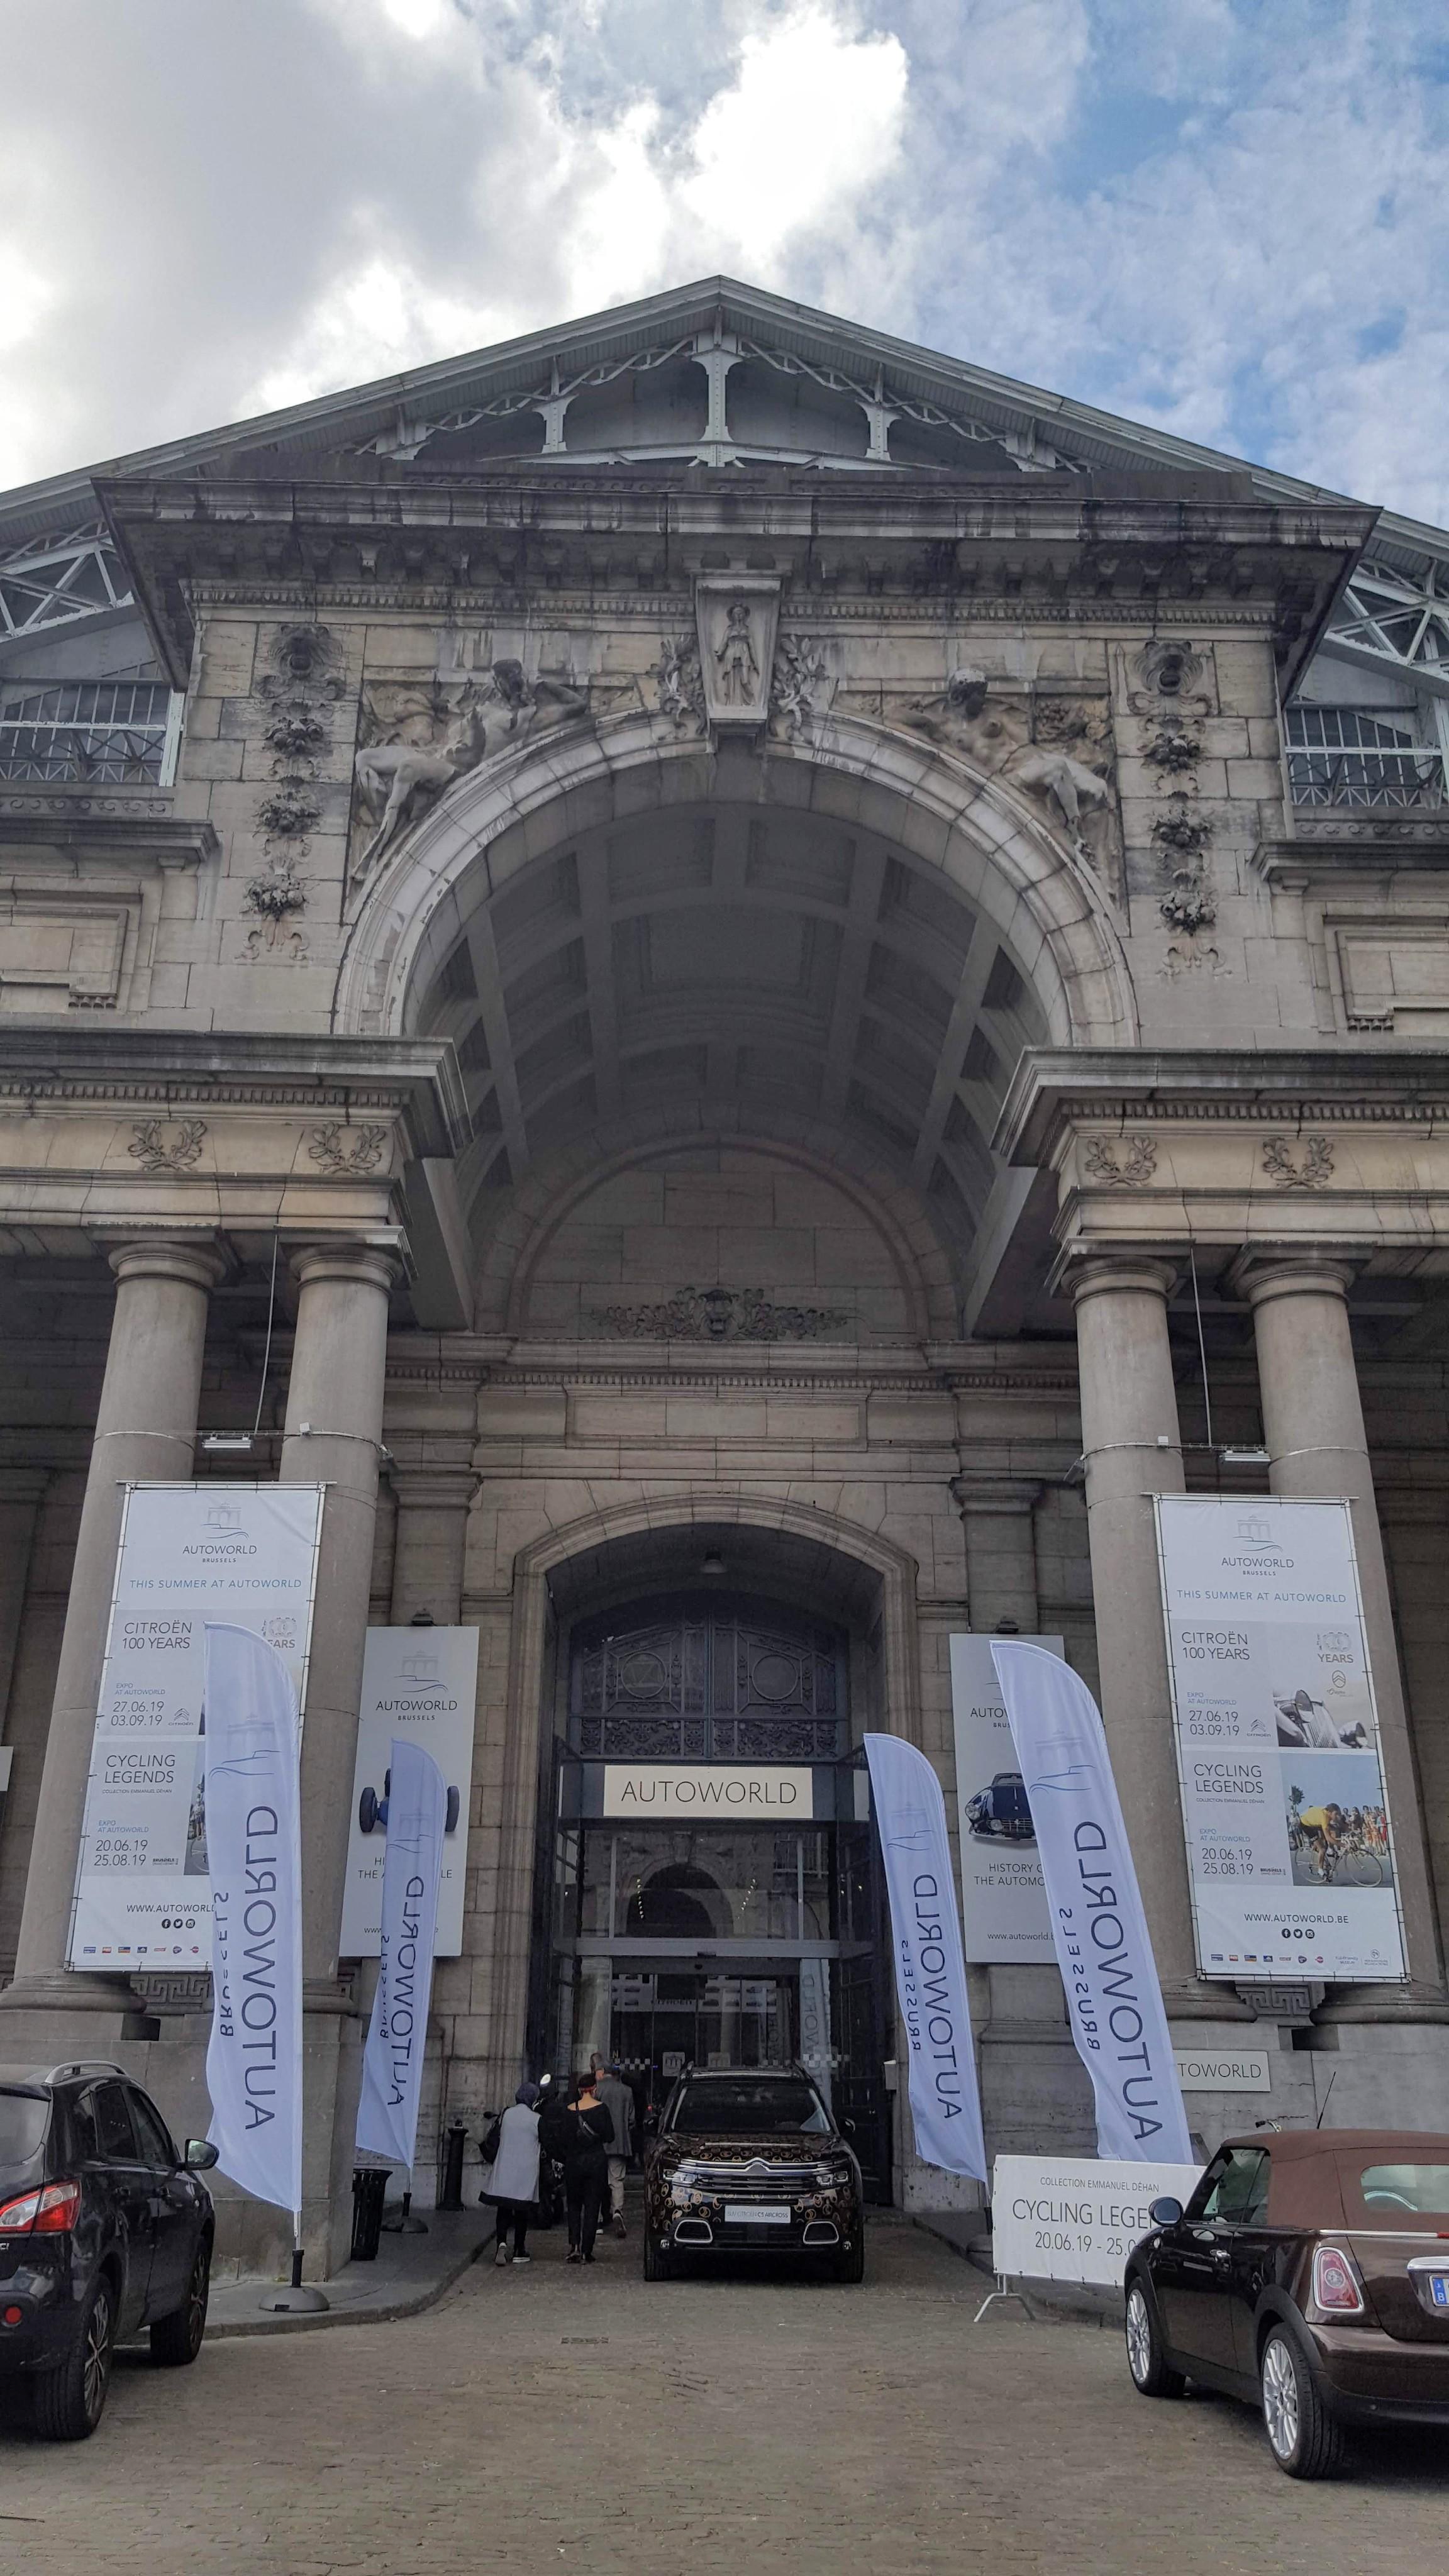 Autoworld-Bruxelles-muzeu de masini de epoca